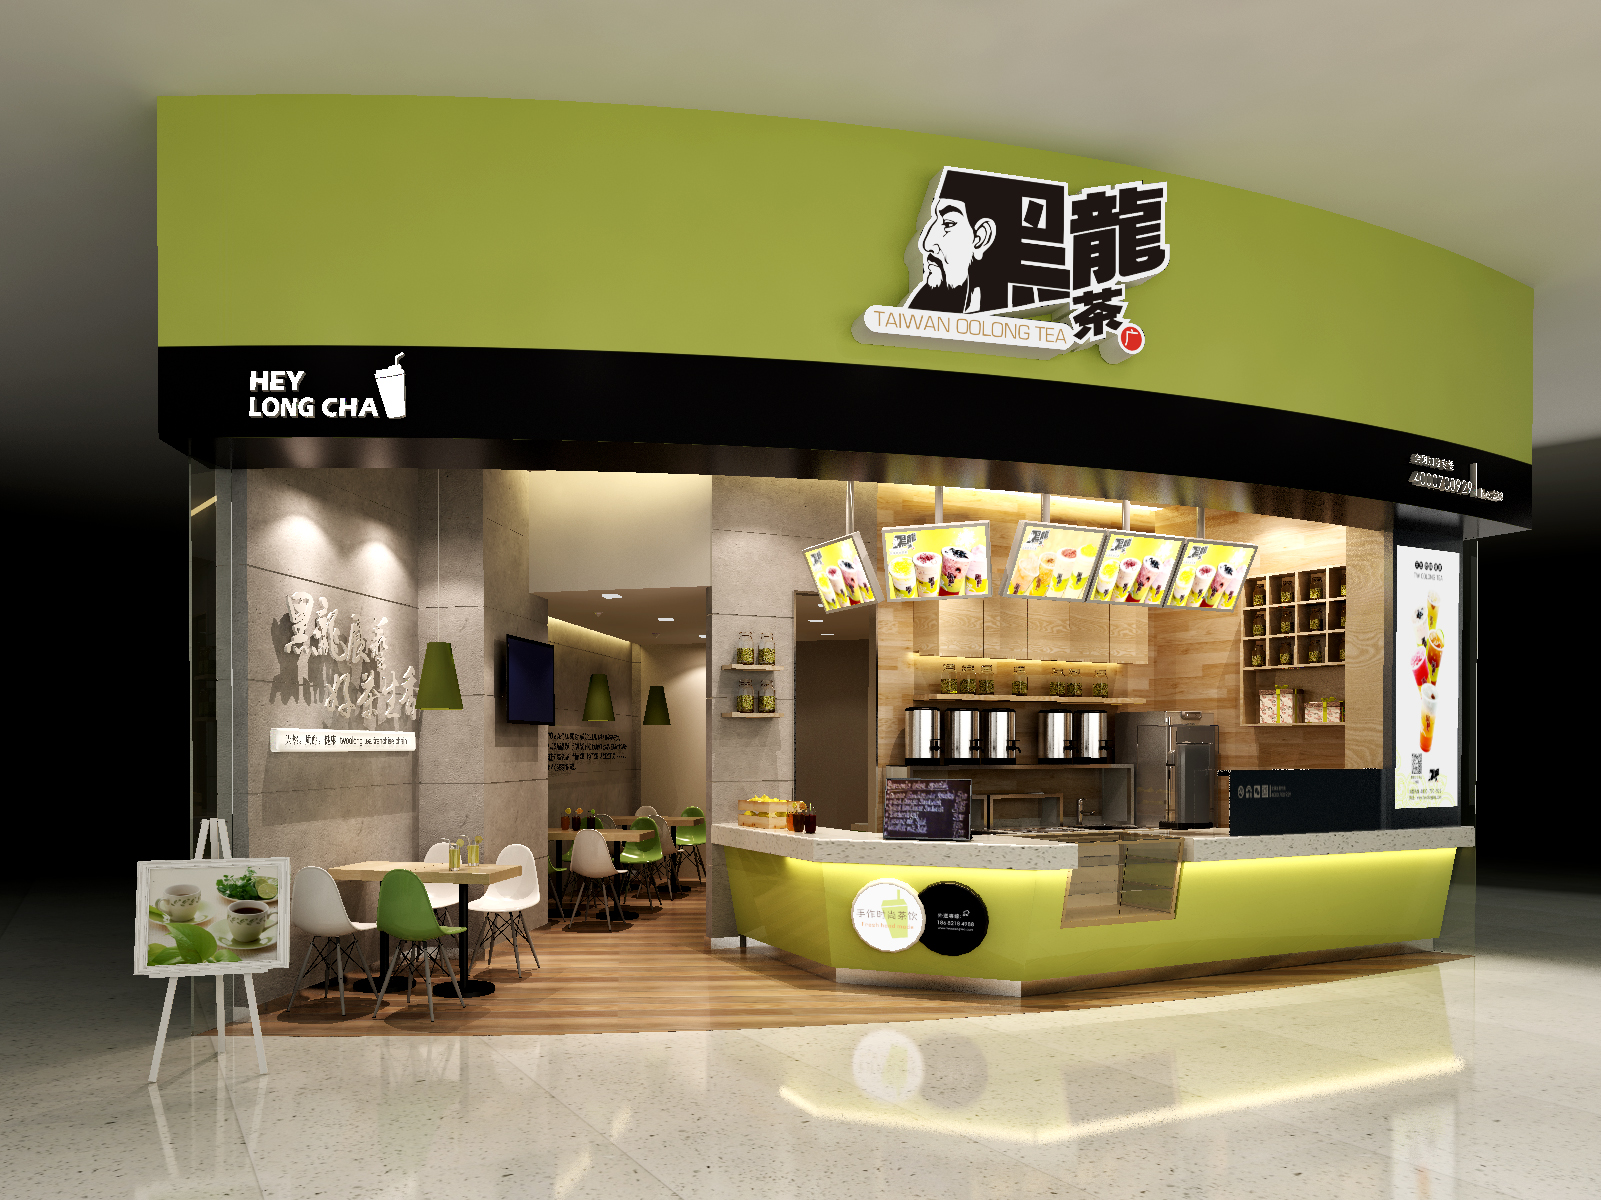 黑龙茶店铺装修图片-全球加盟网